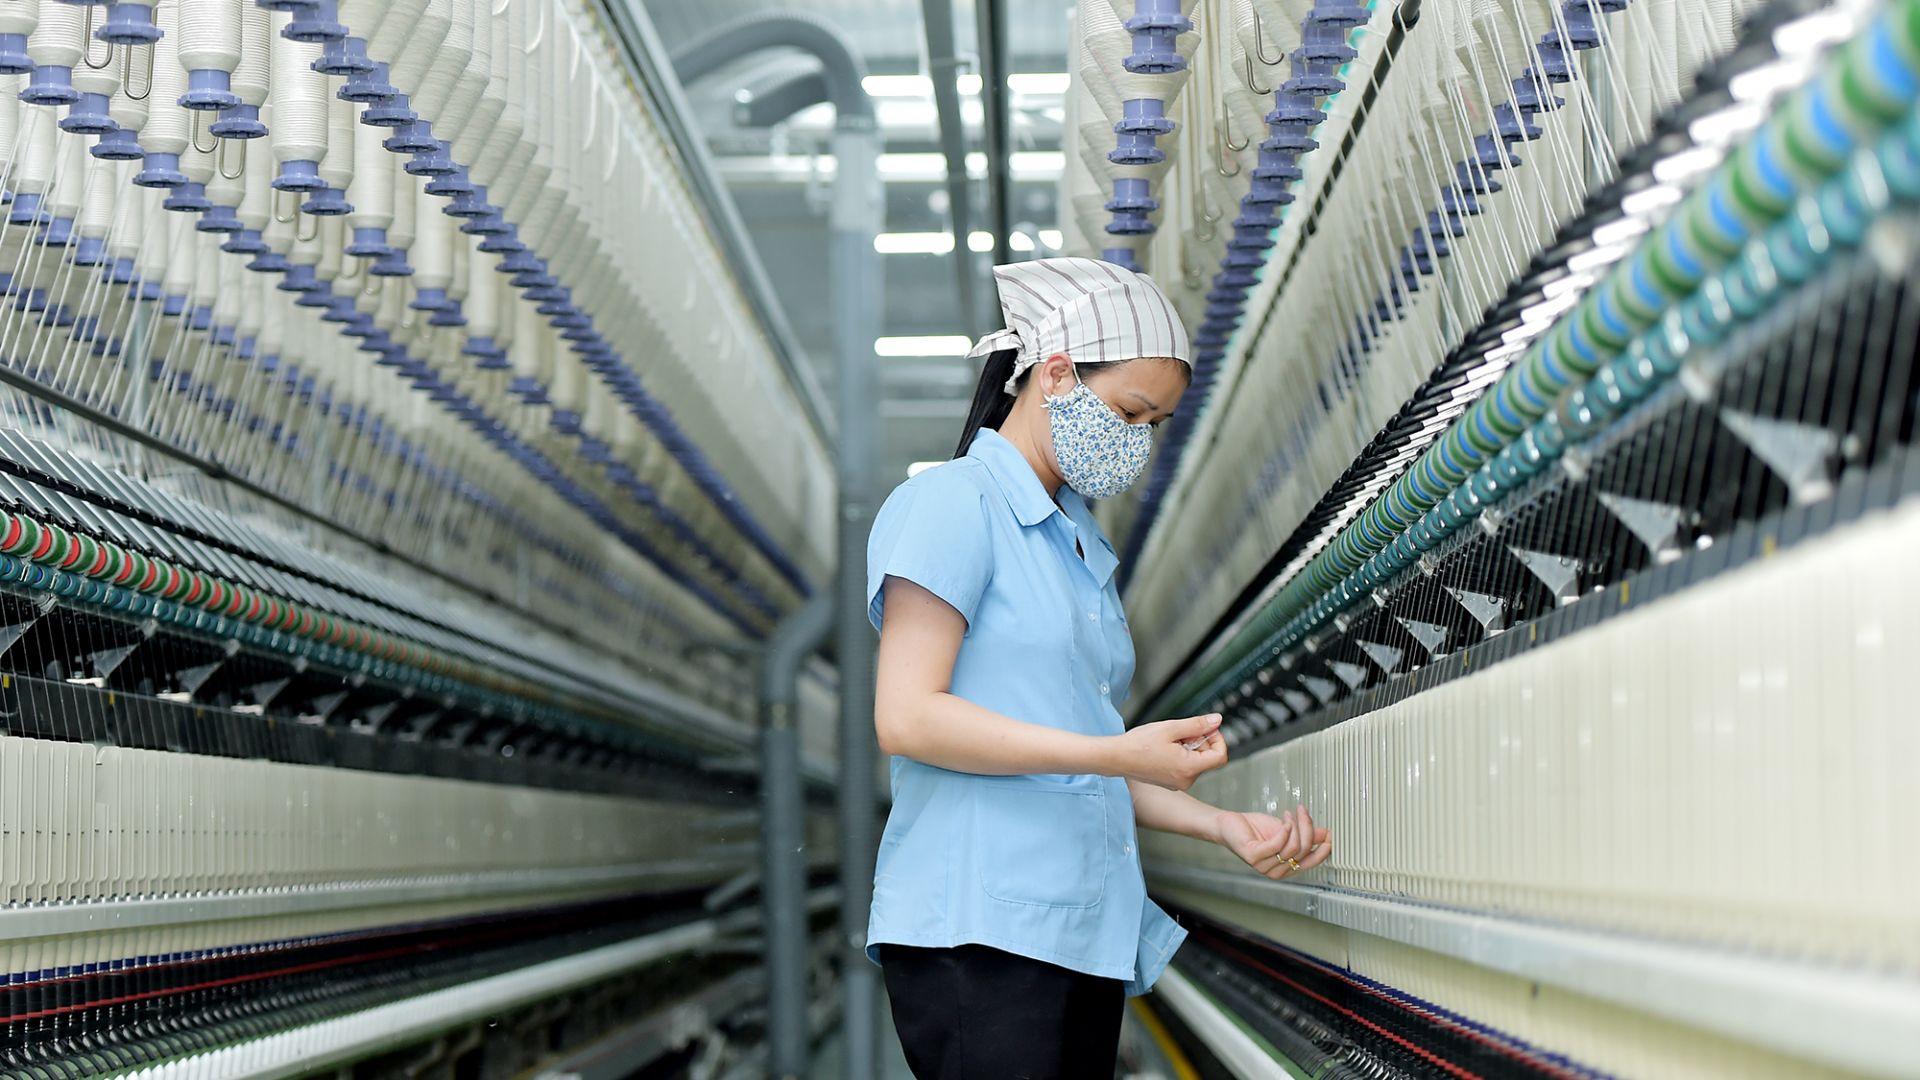 Sợi filament Trung Quốc, Ấn Độ, Indonesia, Malaysia bán phá giá vào Việt Nam